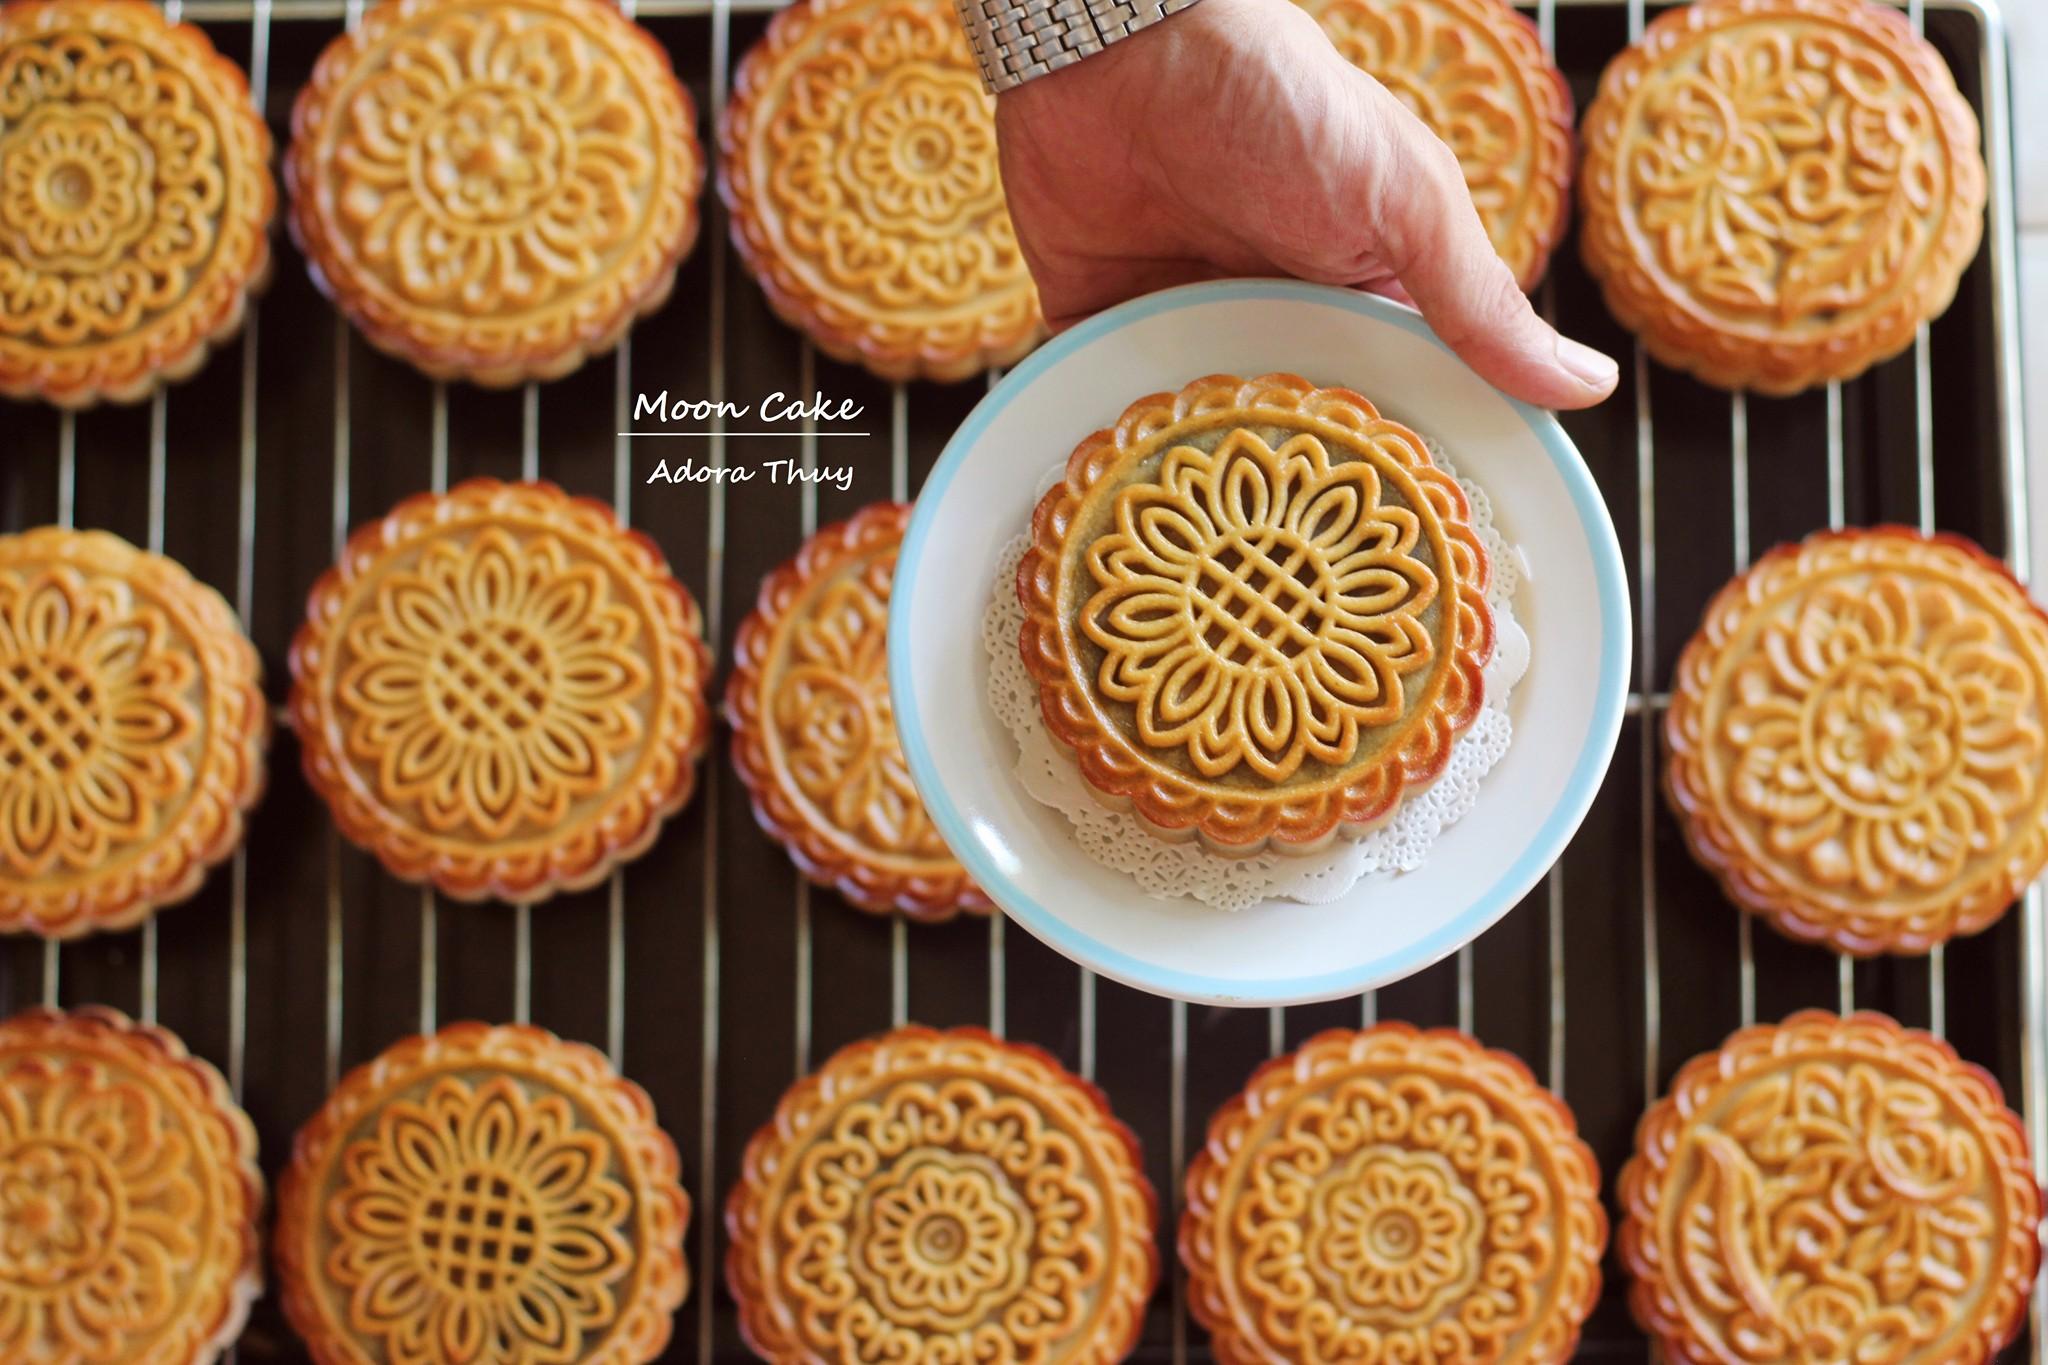 bánh trung thu truyền thống 24 bánh trung thu Tất tần tật về bánh Trung thu truyền thống banh trung thu truyen thong 24